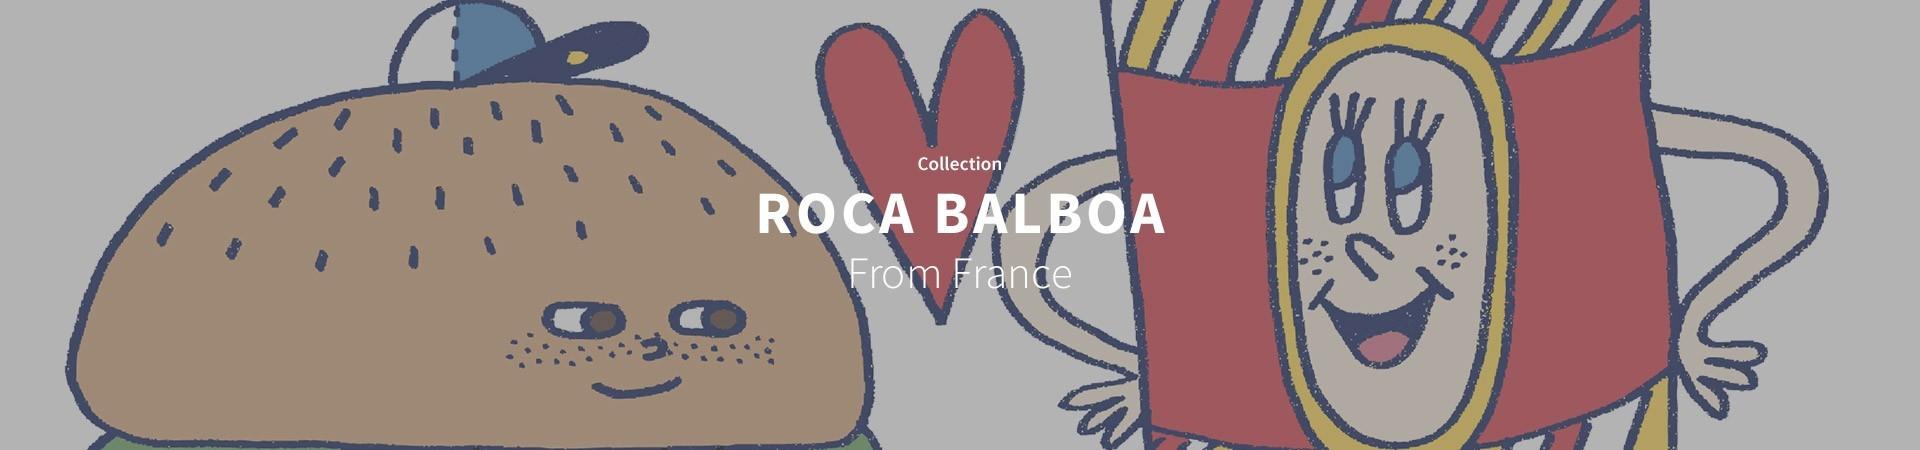 Roca Balboa